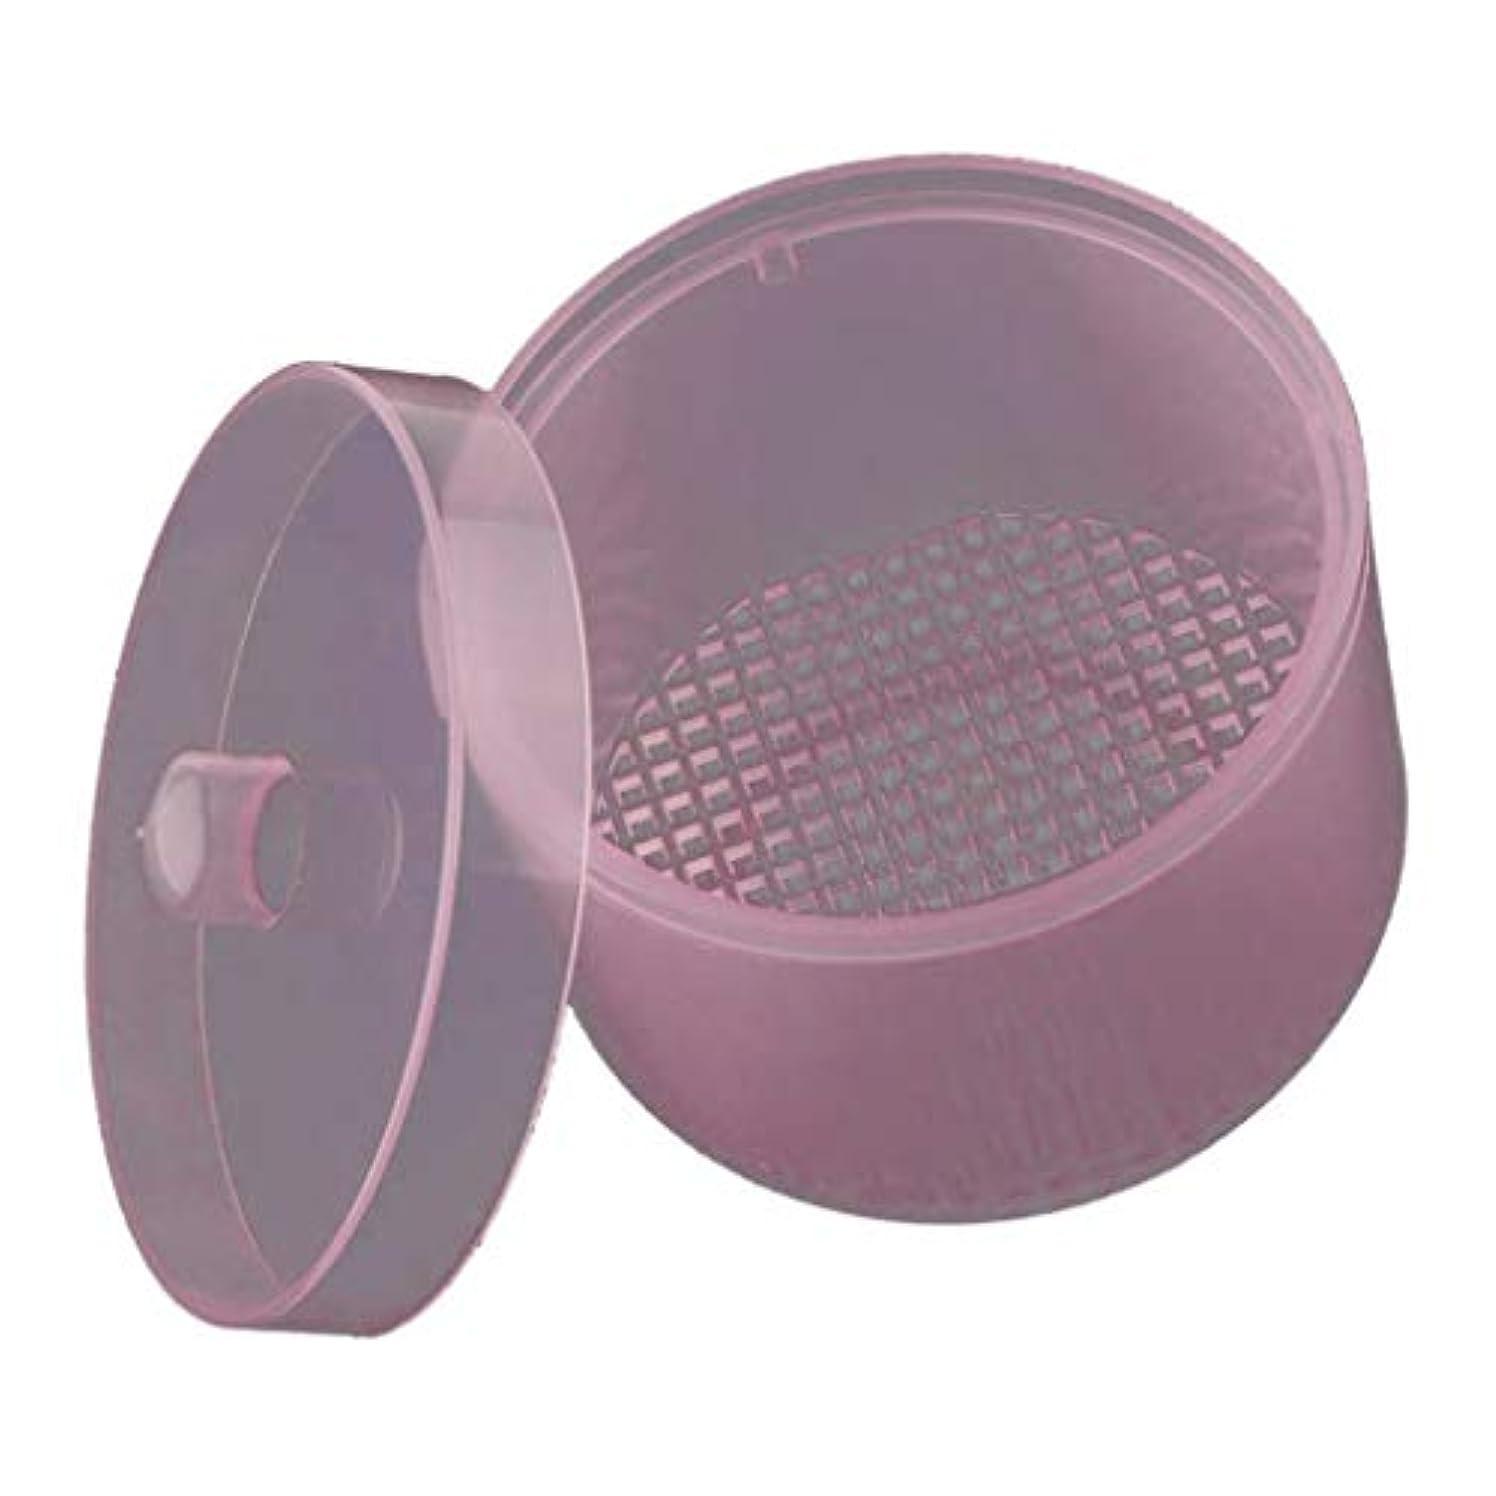 対立大聖堂切るPerfeclan ネイルドリルビット ネイルアートファイル クリーニングボックス プラスチック 全4カラー - ピンク